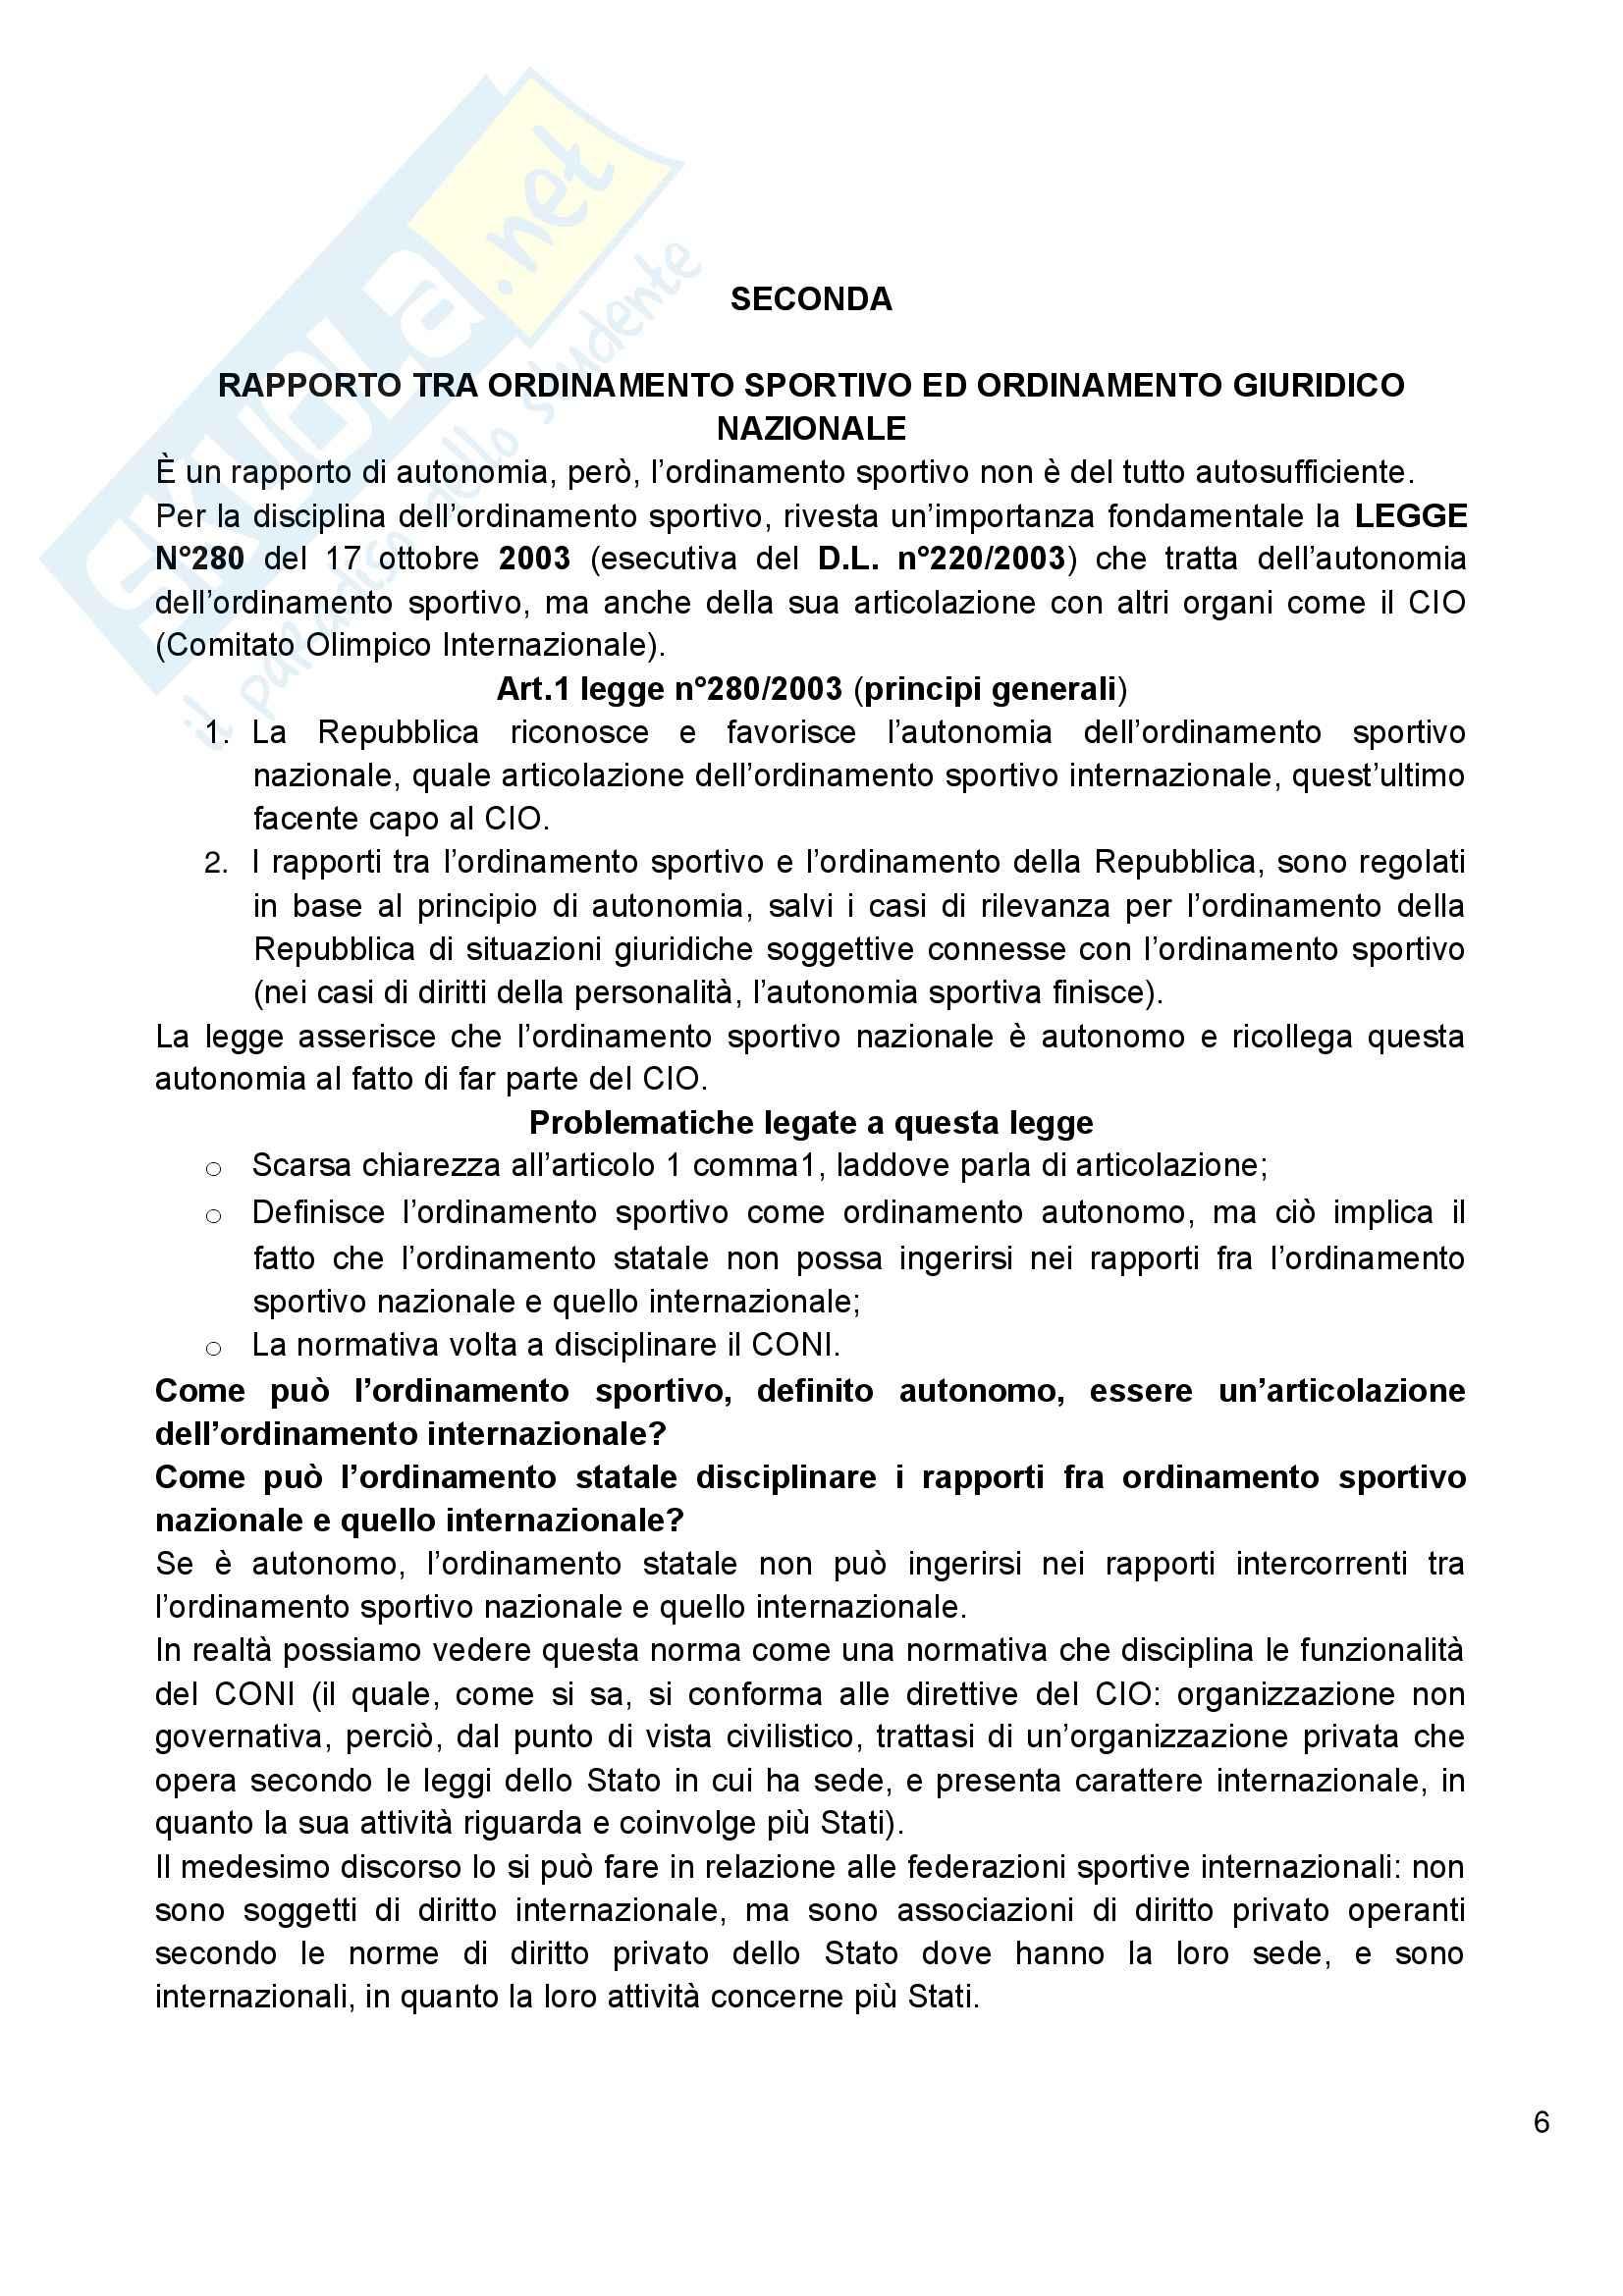 Diritto amministrativo dello sport - Appunti Pag. 6